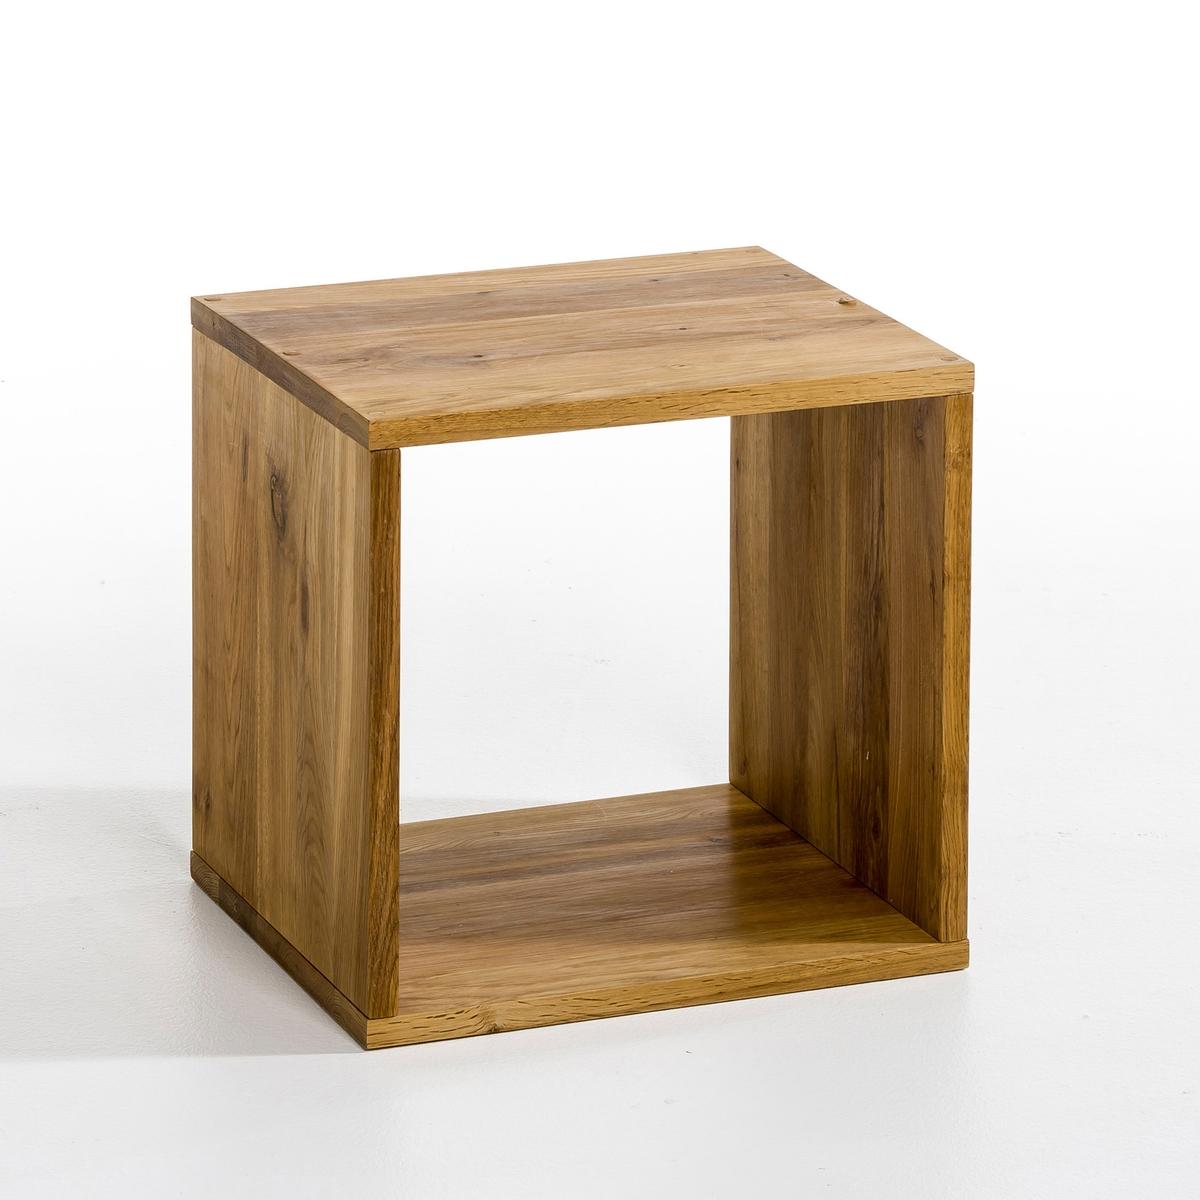 Ящики для хранения из дуба Box, 2 моделиМогут располагаться рядом или друг на друге-. Диванный или журнальный столик, этажерка... вам - выбирать! Из натурального дуба с масляной пропиткой .Крепятся при помощи металлических зажимов. Набор деталей для сборки и инструкция в комплекте.Размер S : Шир..40 x Гл.35 x В.40 см.Размер M : Шир..80 x Гл..35 x В.40 см<br><br>Цвет: серо-бежевый